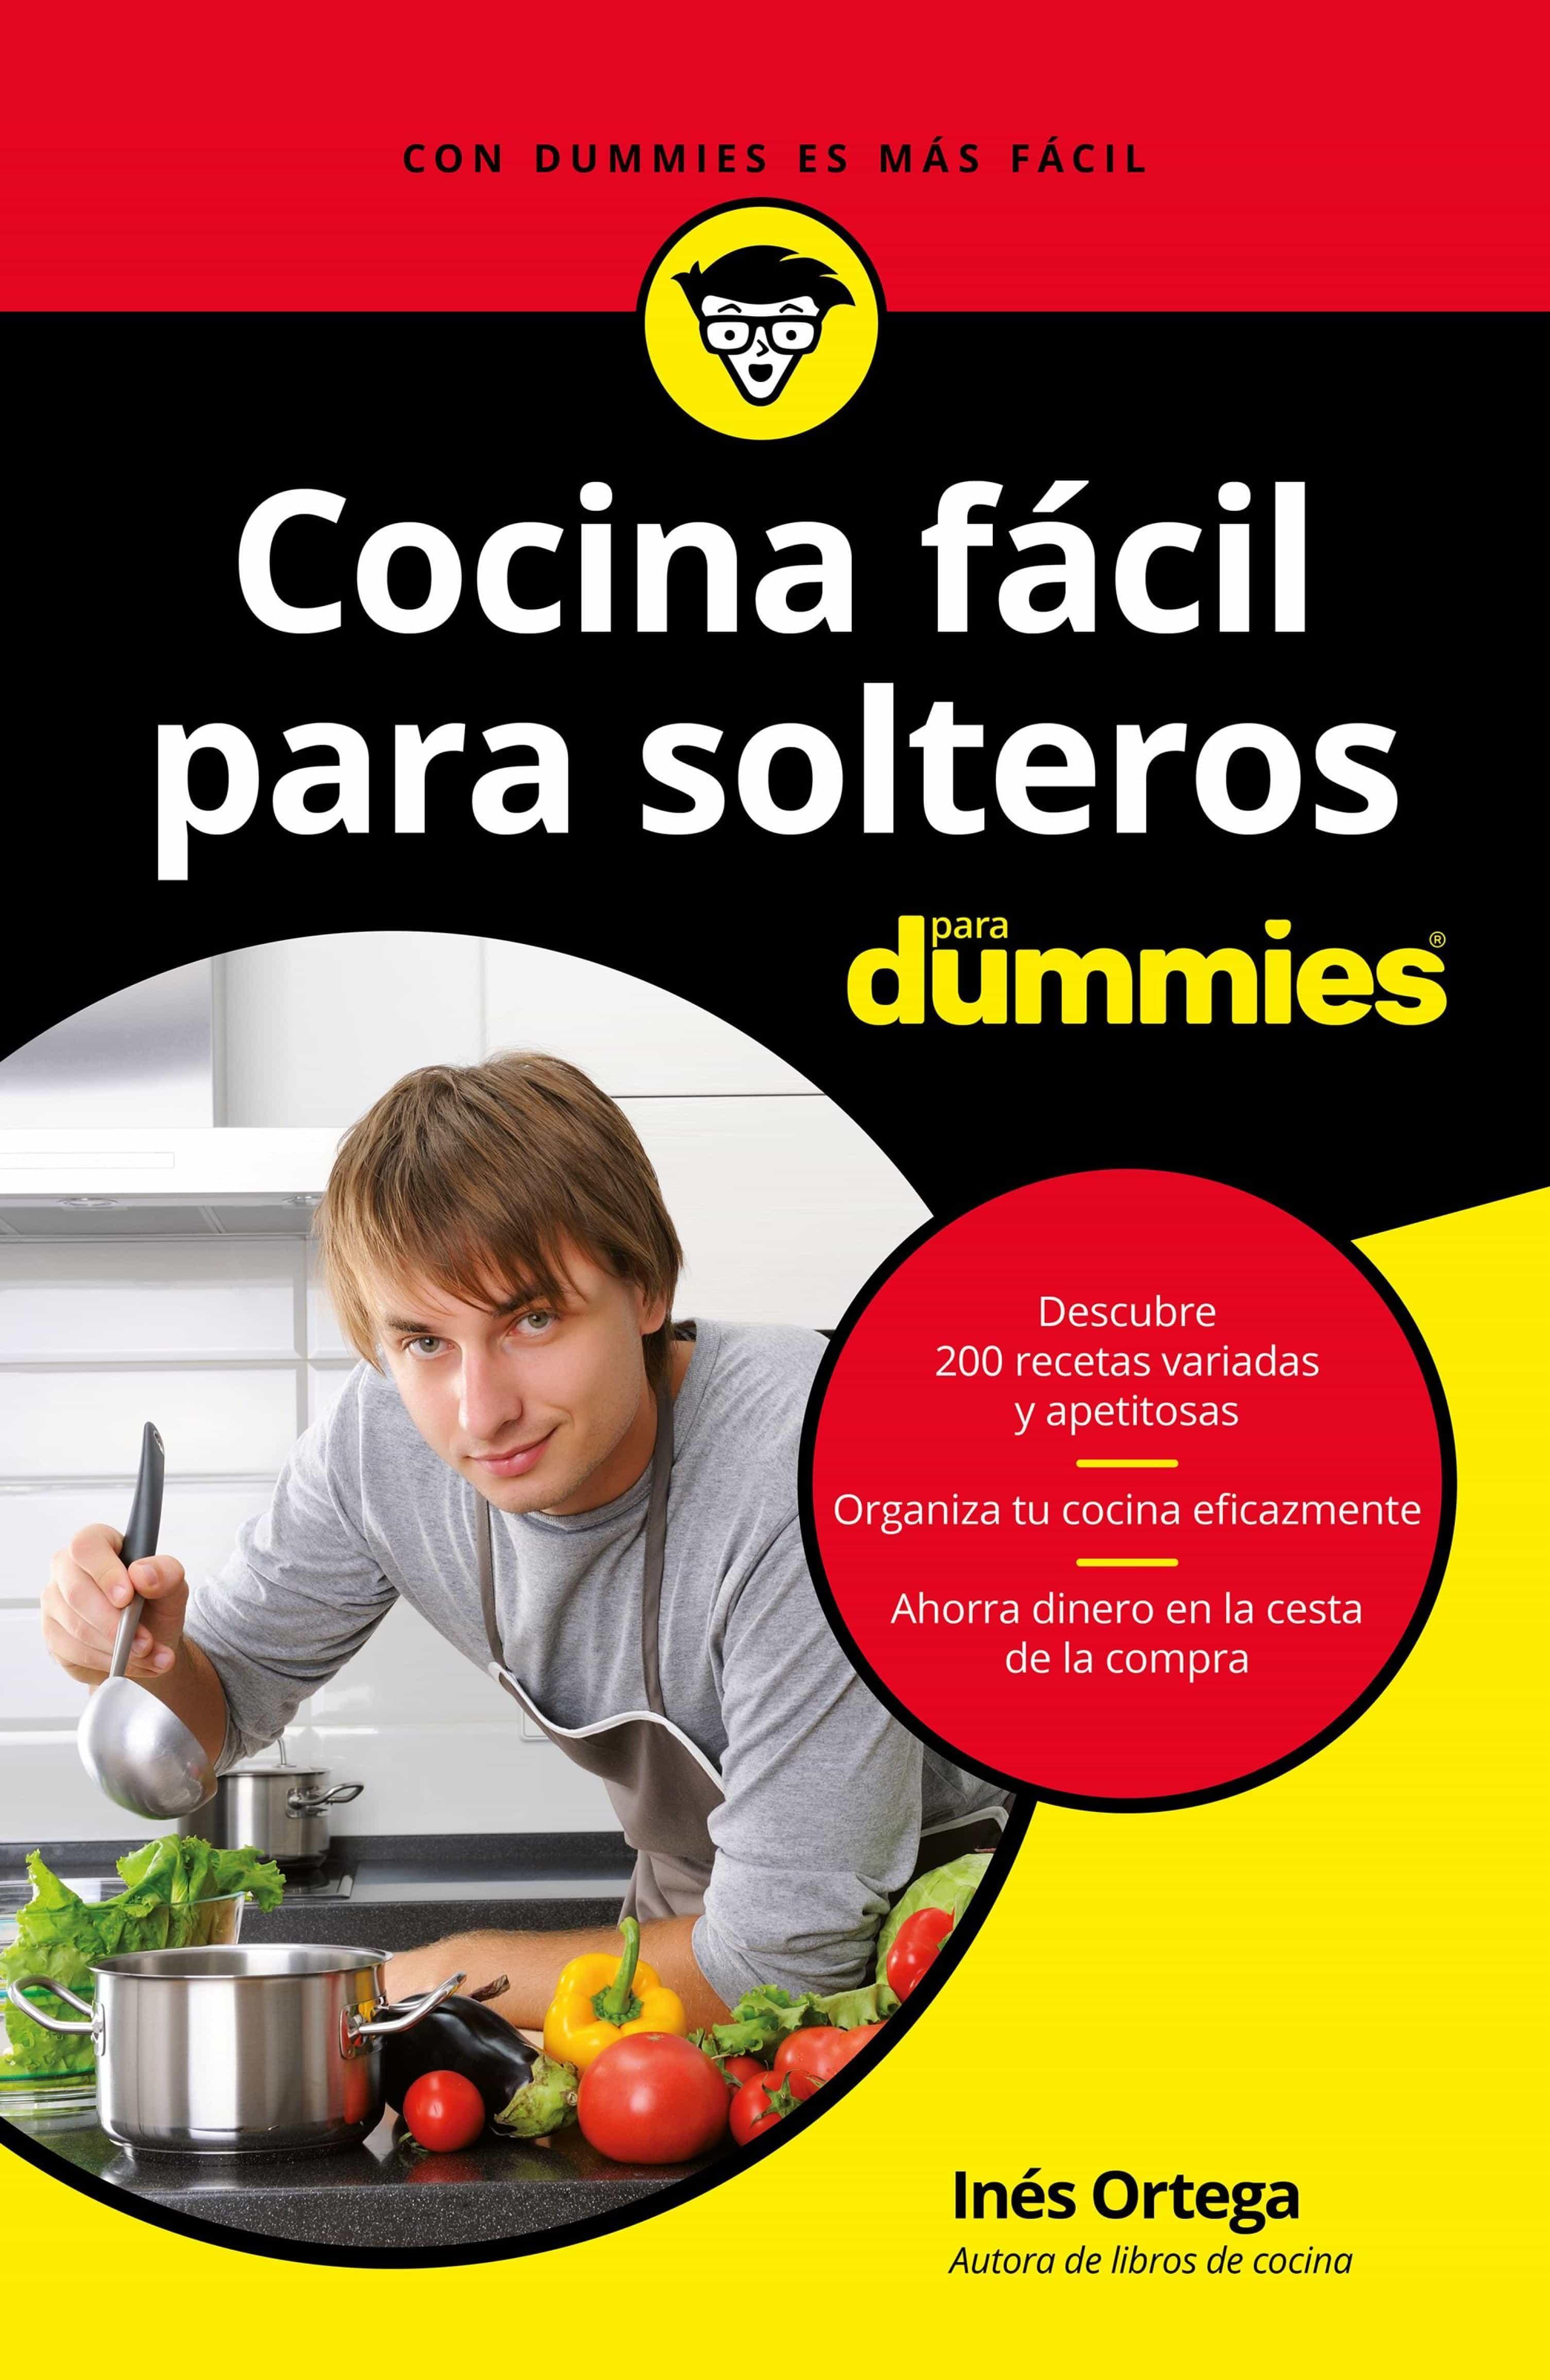 Cocina Fácil Para Solteros Para Dummies   por Ines Ortega